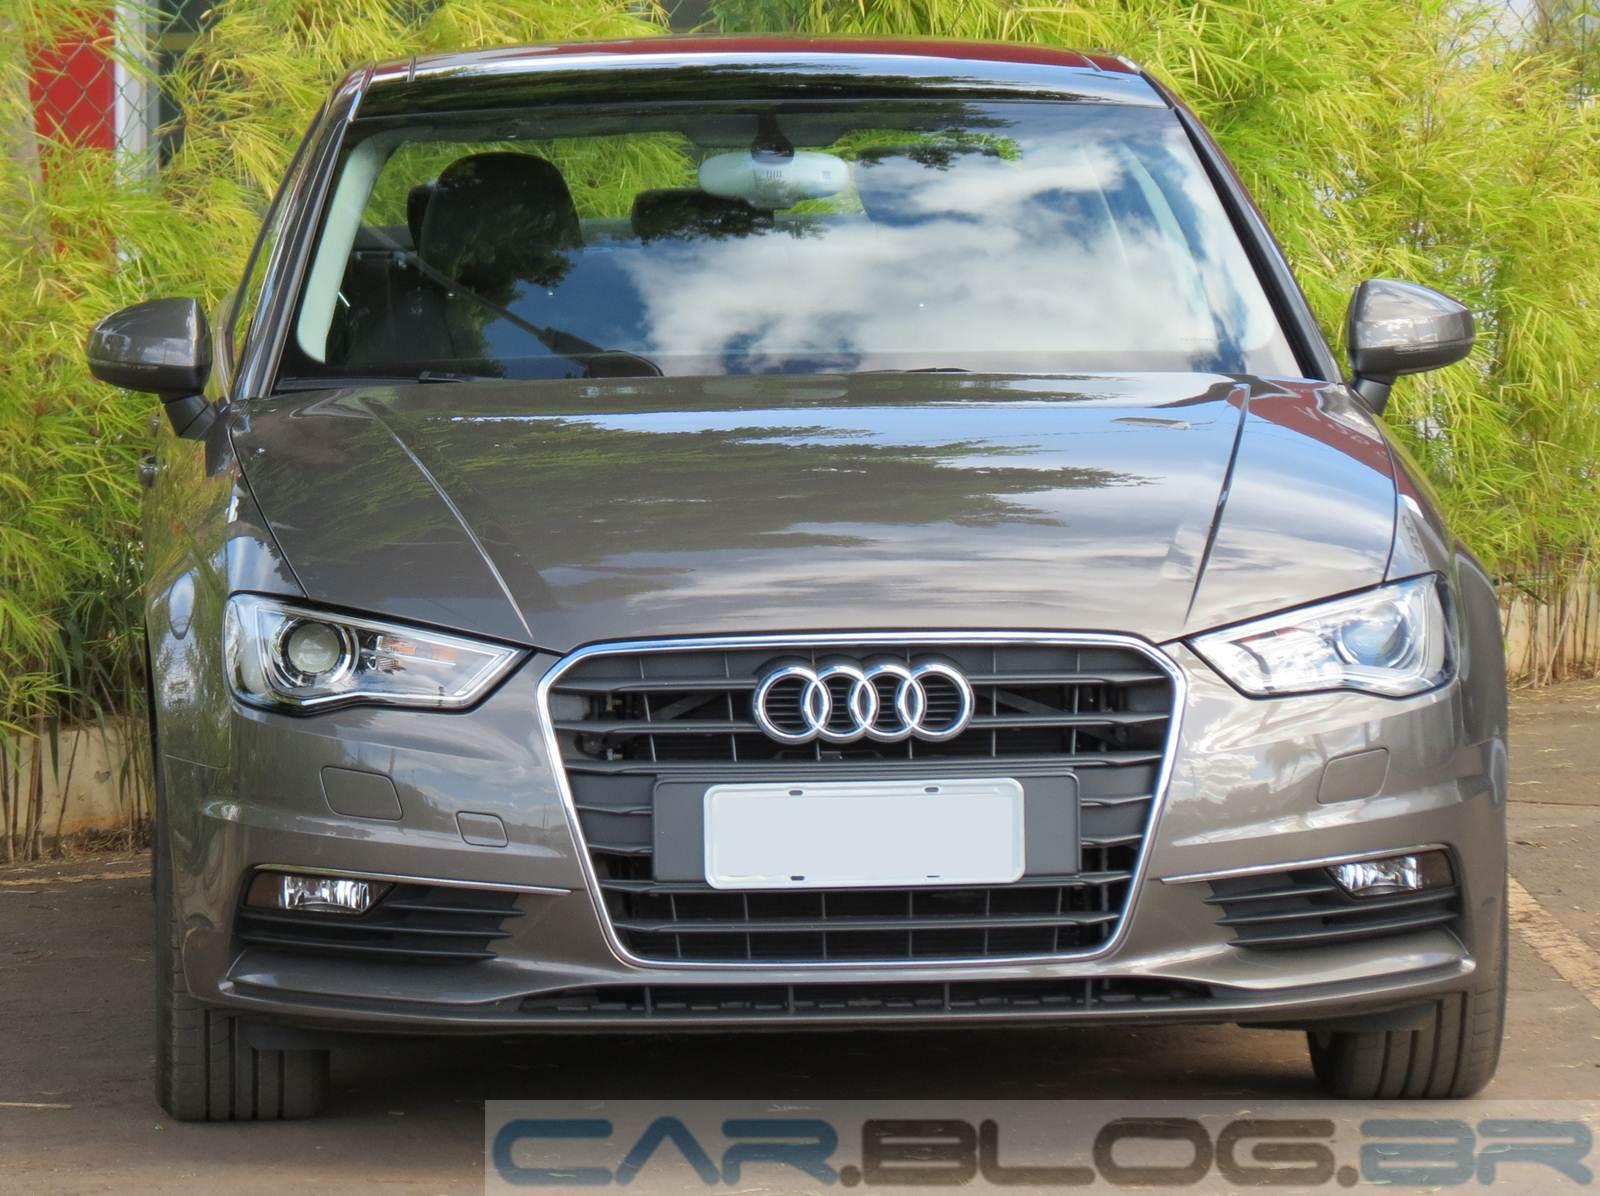 audi a3 sedan 1.4 flex já é produzido no brasil - pré-série | car